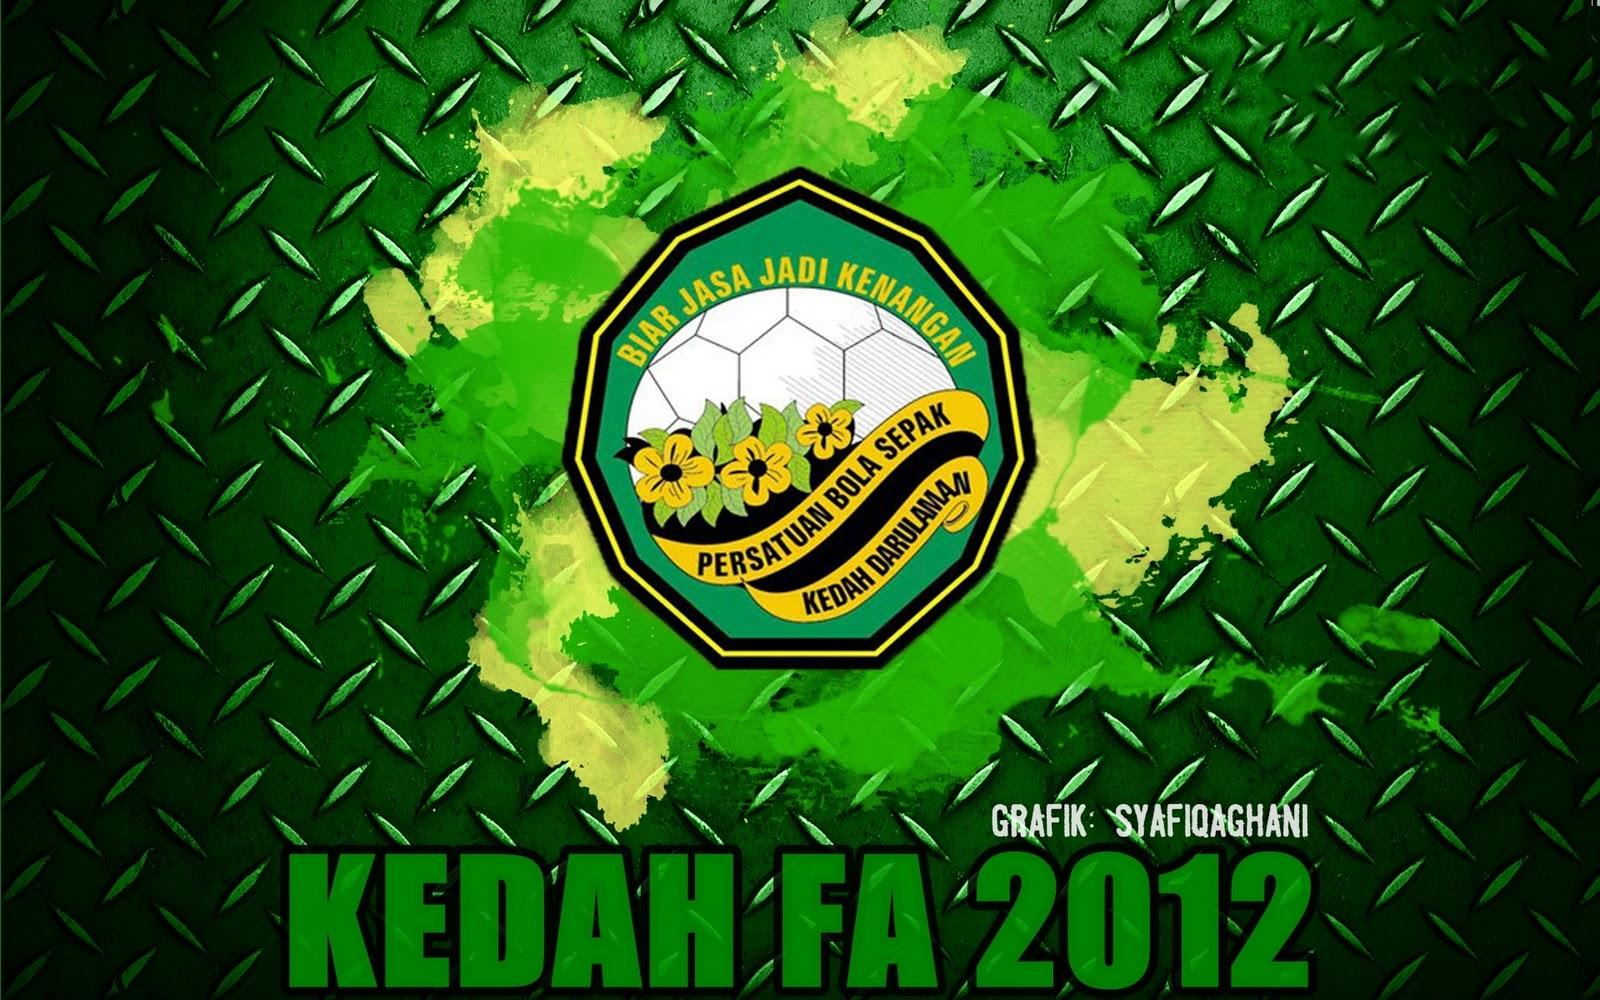 Kumpulan Wallpaper Hijau Kuning Kedah